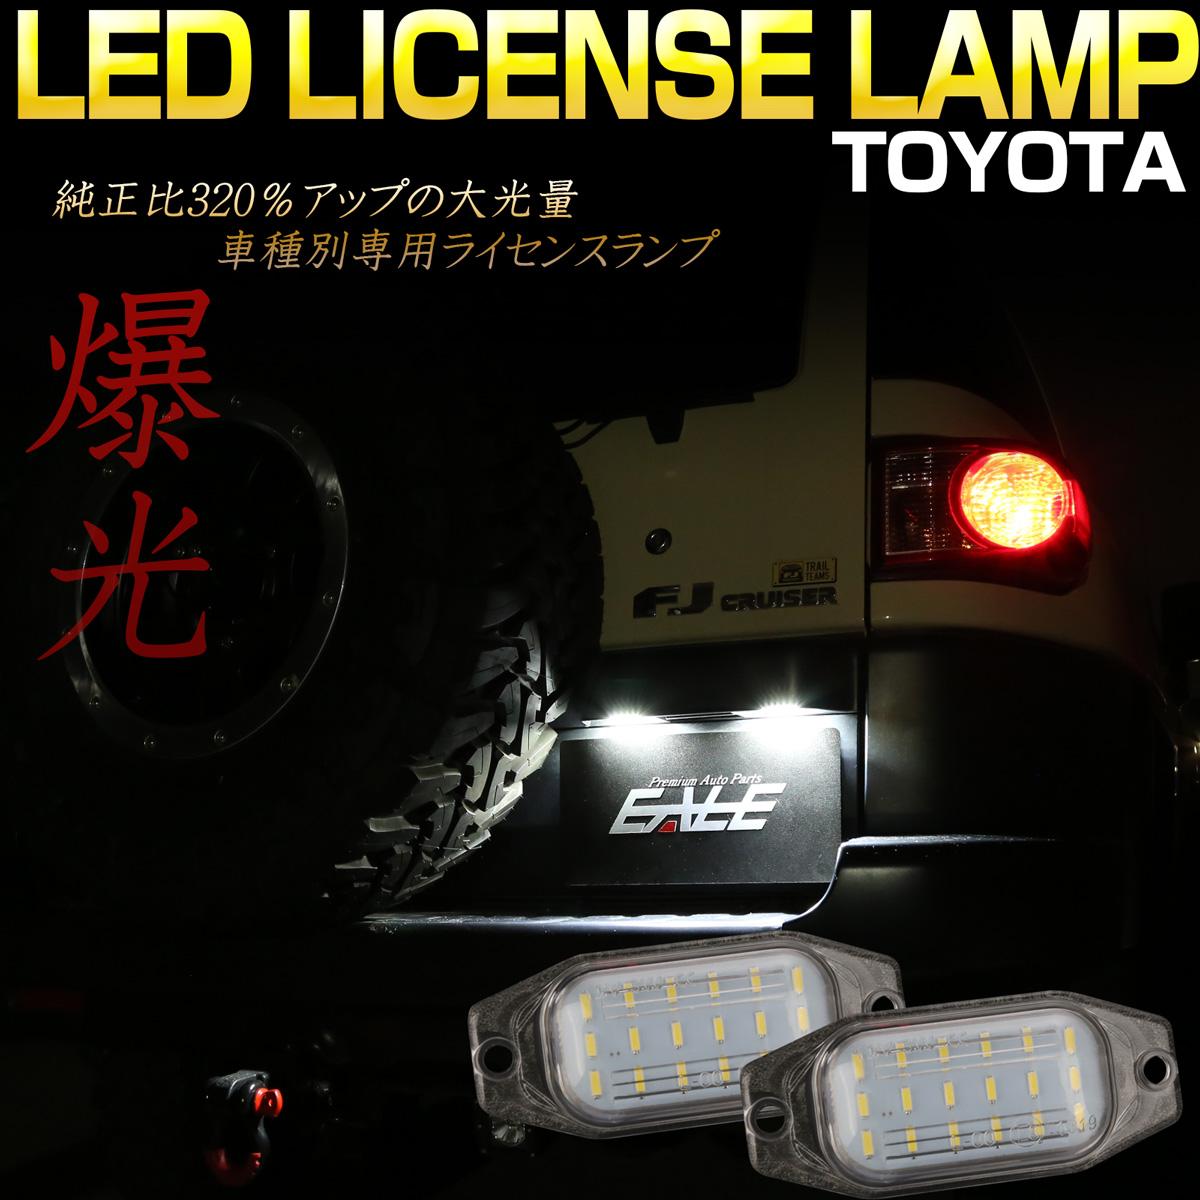 トヨタ FJ クルーザー GRJ15 80系 100系 ランドクルーザー 90系 120系 プラド LED ライセンスランプ ナンバー灯 高輝度 レンズ一体型 純白 6000K R-140